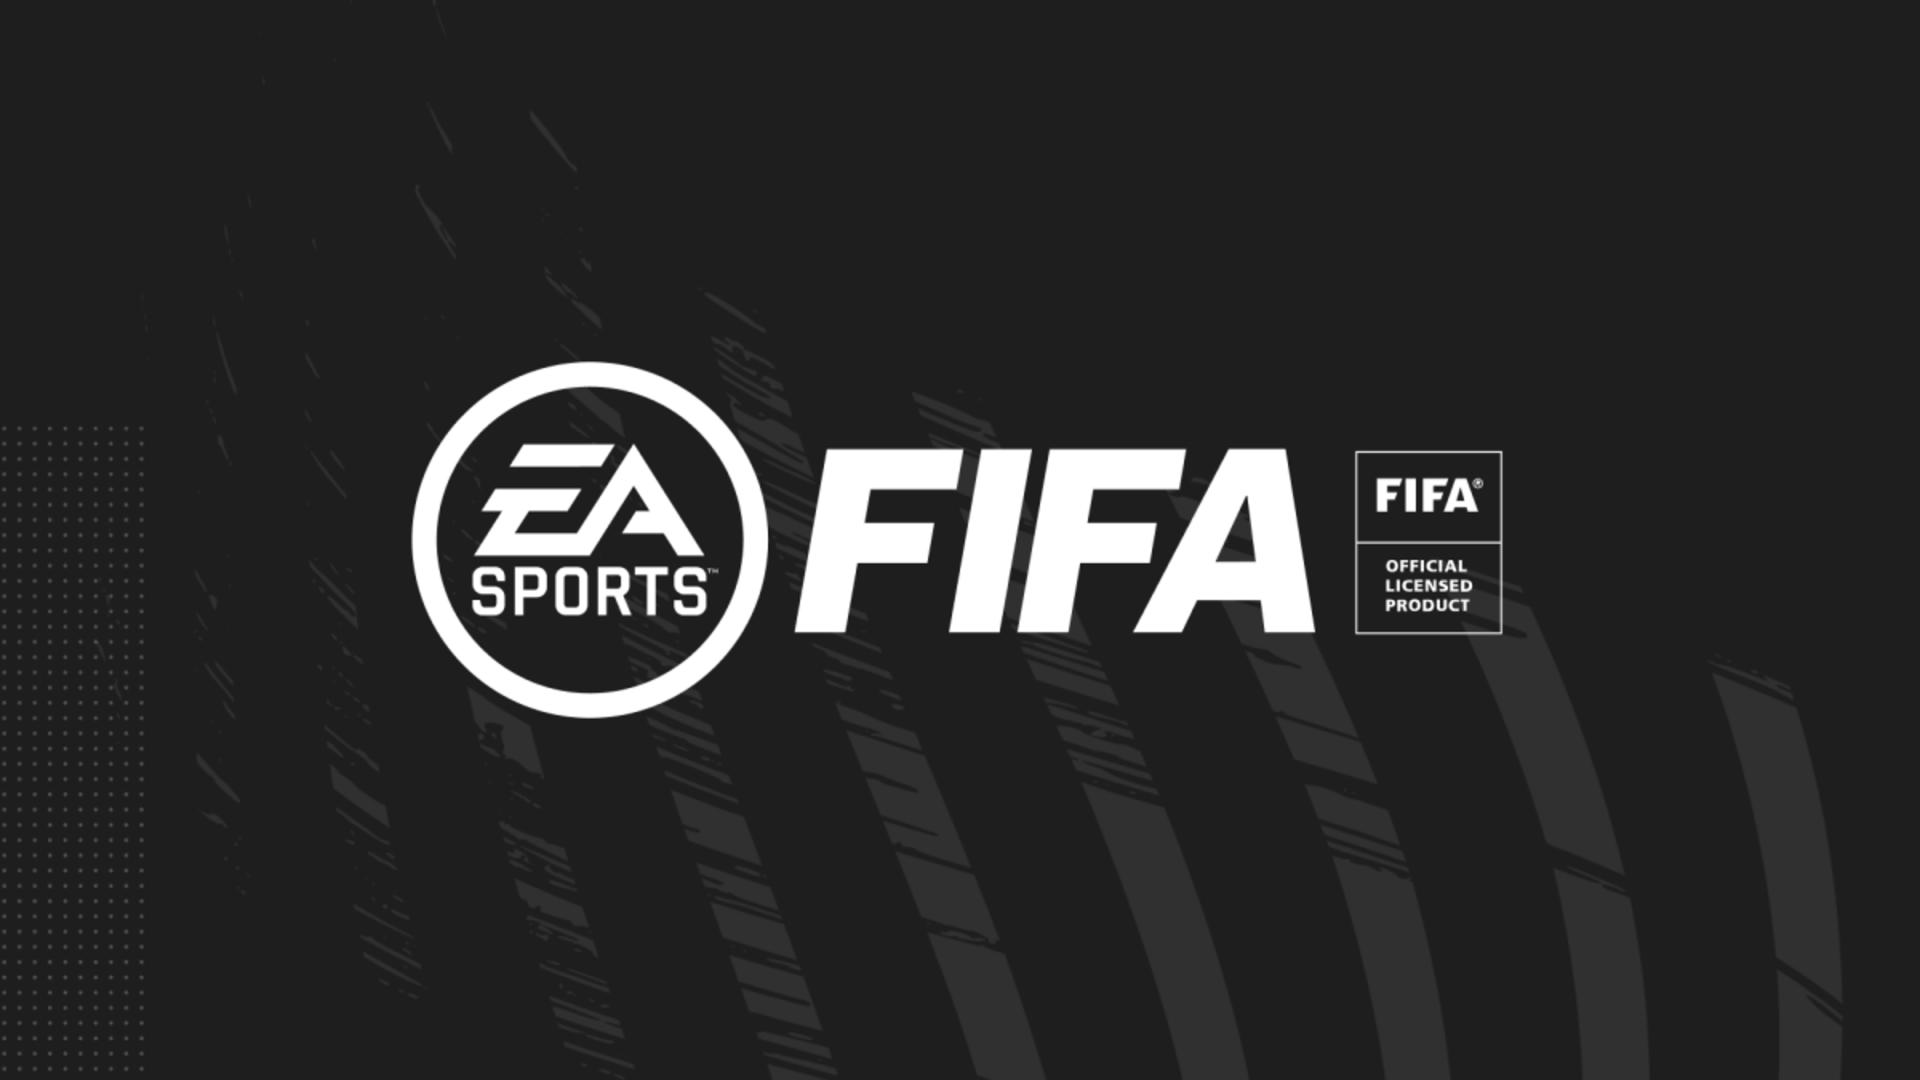 FIFA vraagt gigantisch geldbedrag aan EA Sports voor naamgeving